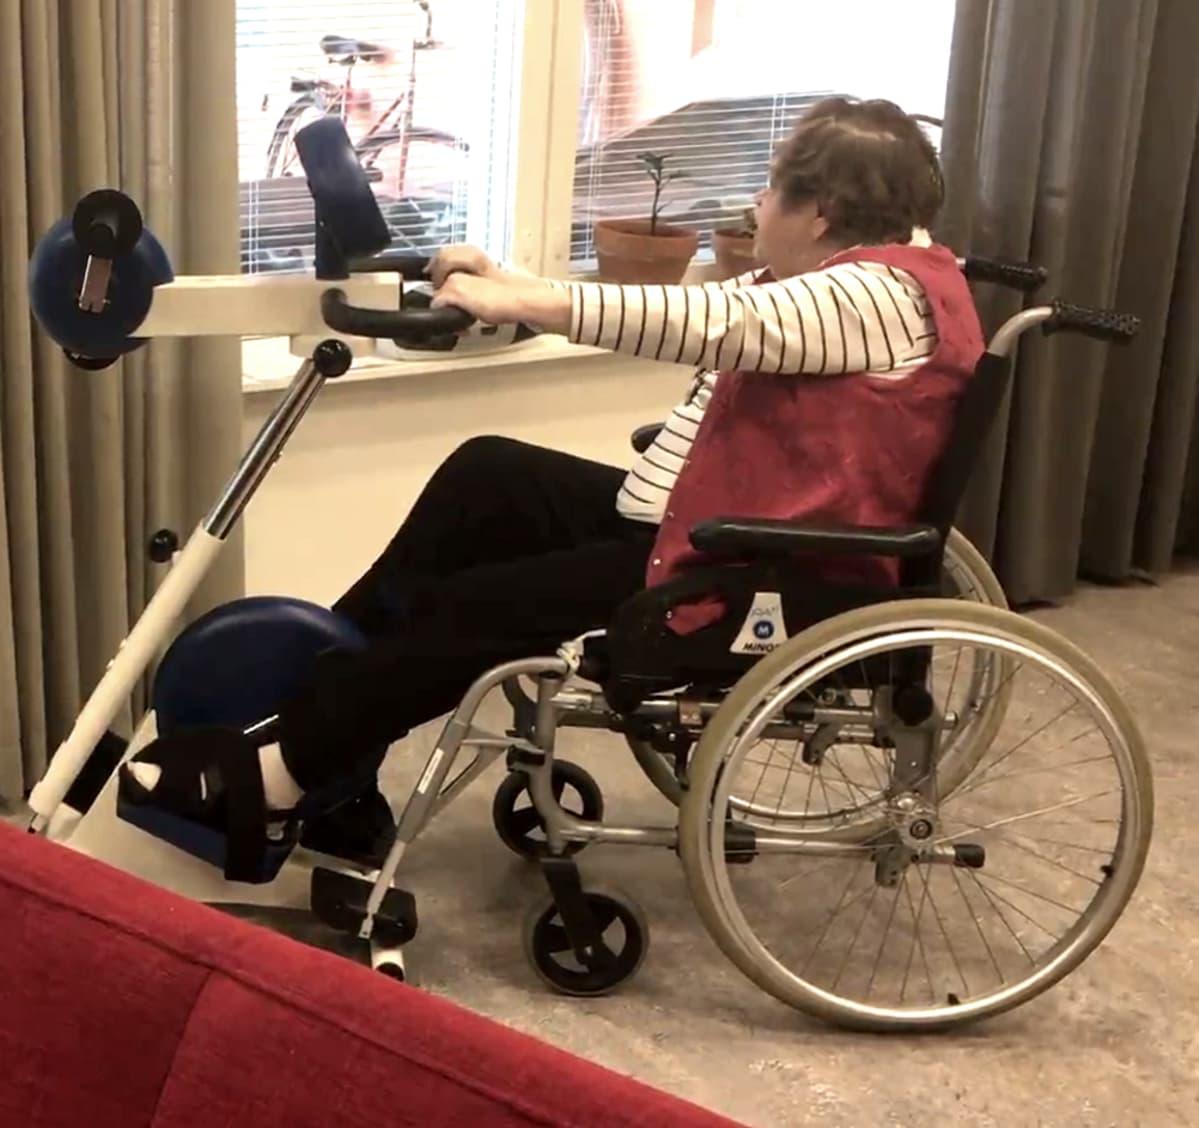 Nainen polkee Motomed-laitetta pyörätuolissa istuen.